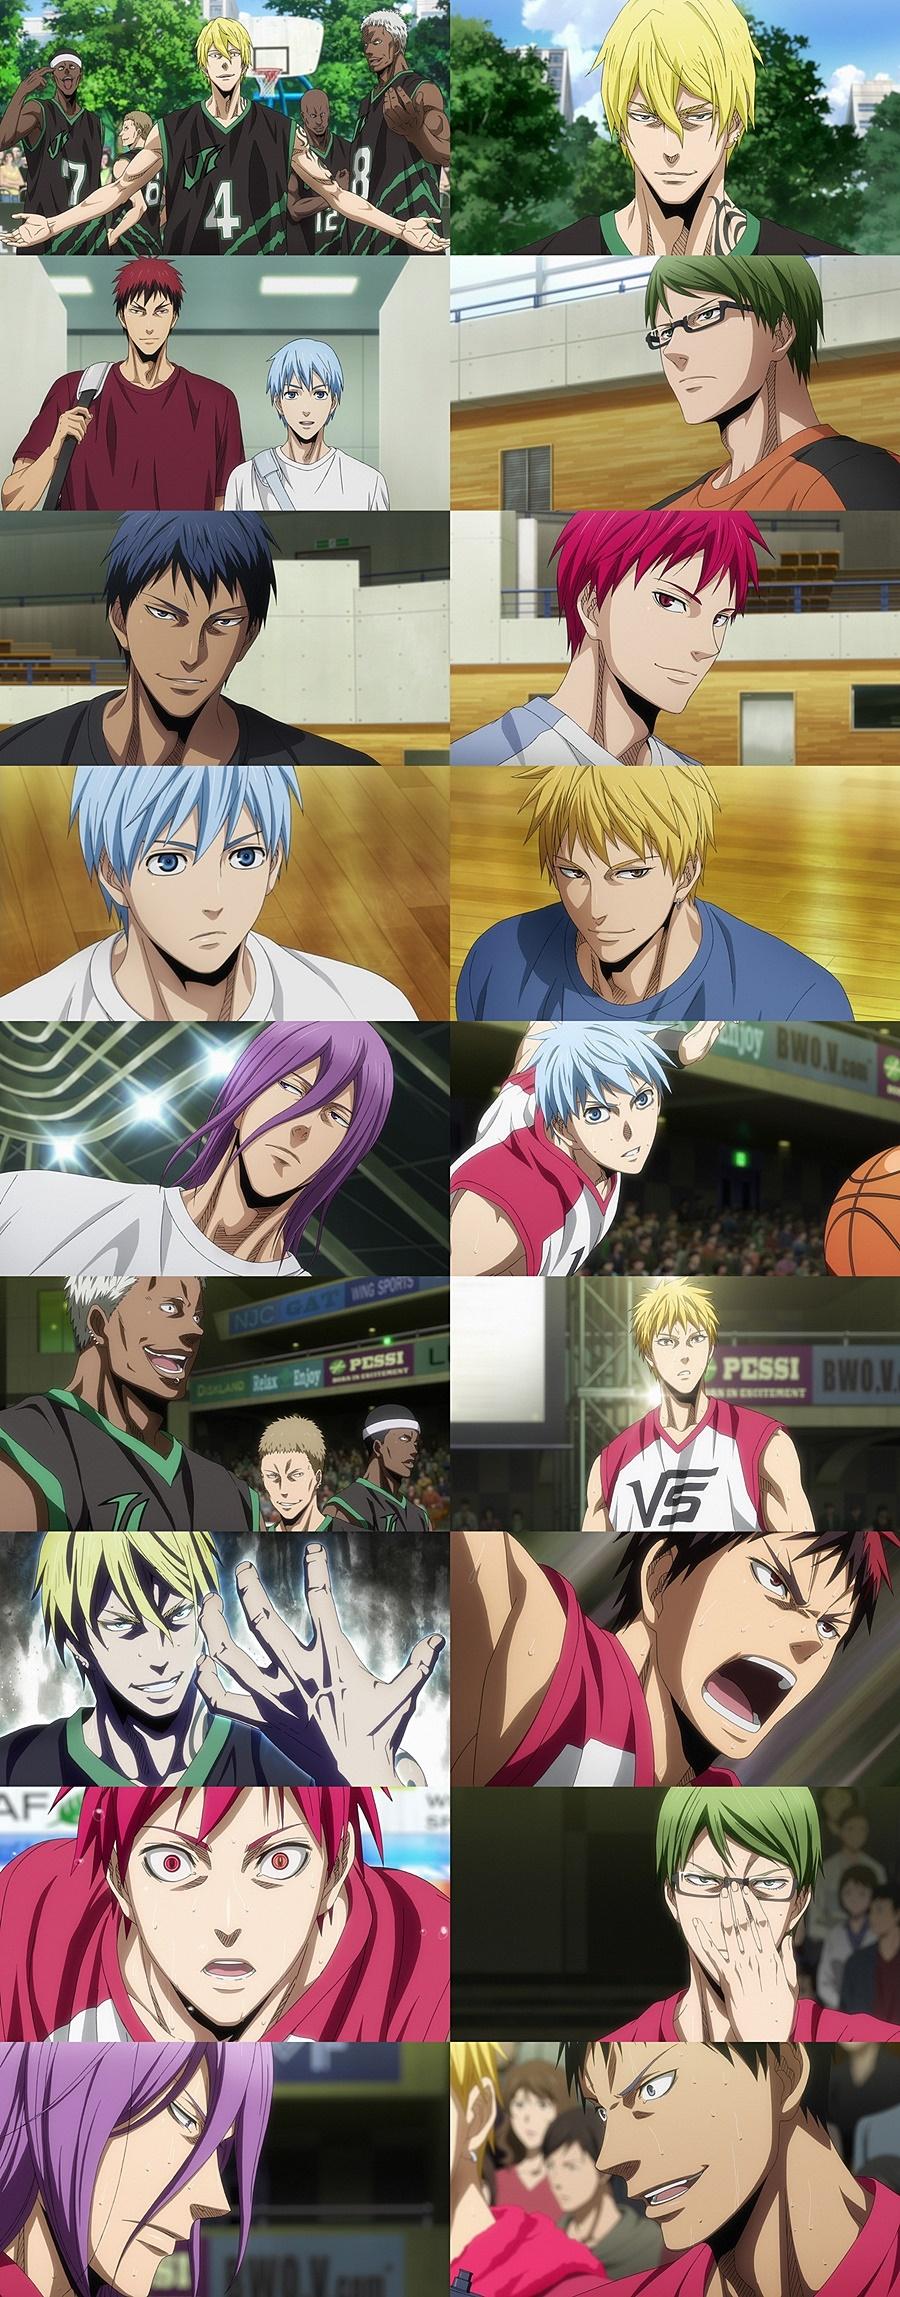 劇場版 黒子のバスケ LAST GAME (2017)